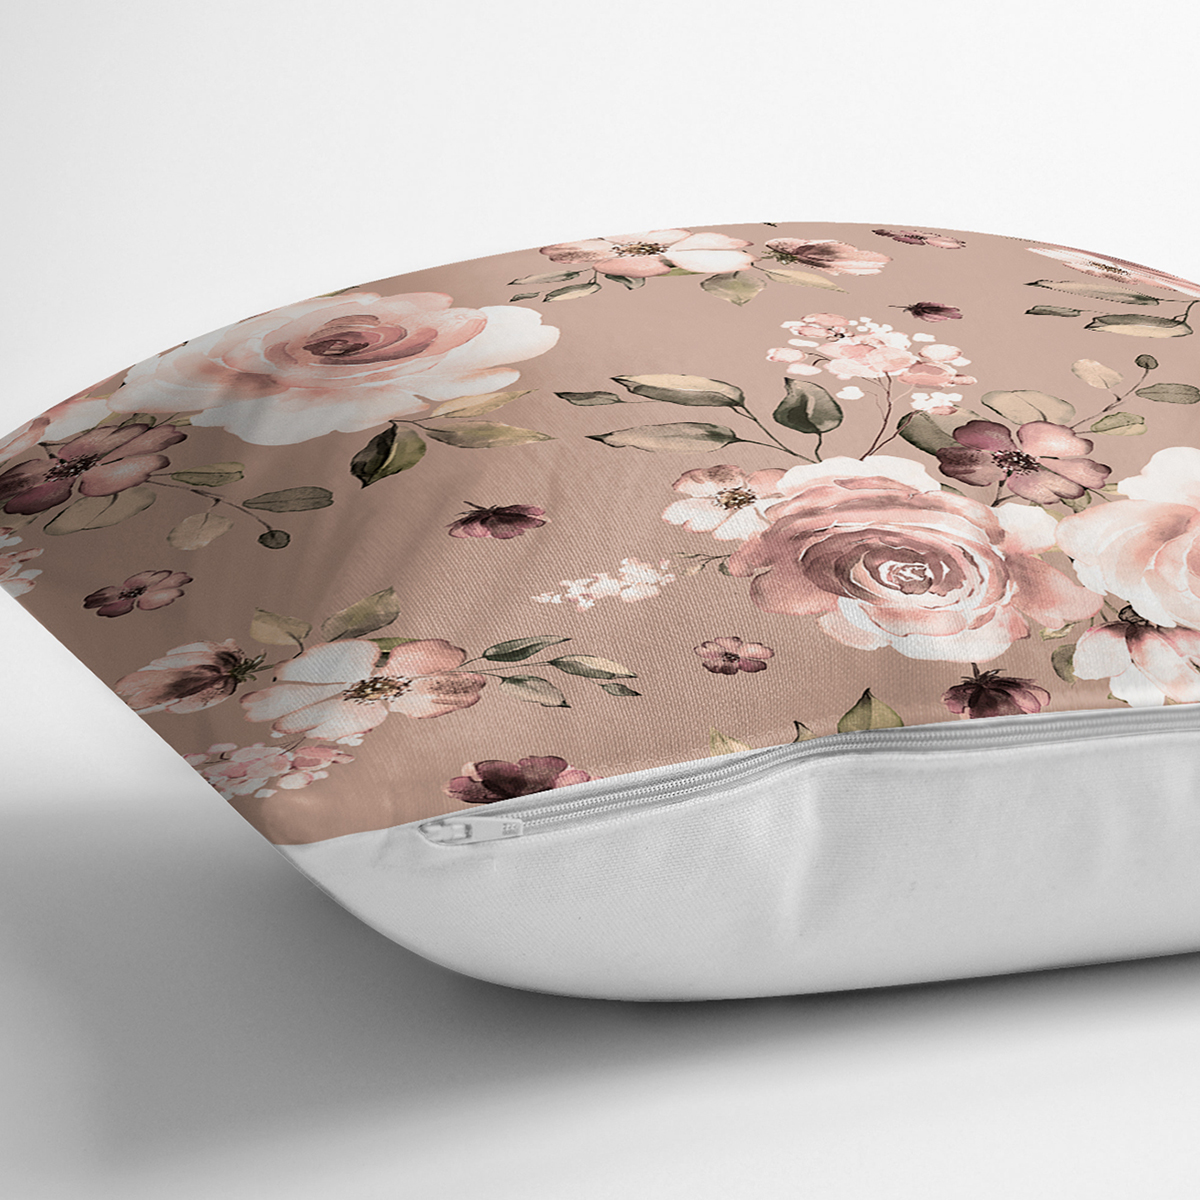 Pastel Zeminli Renkli Çiçek Desenli Dijital Baskılı Modern Yastık Kırlent Kılıfı Realhomes